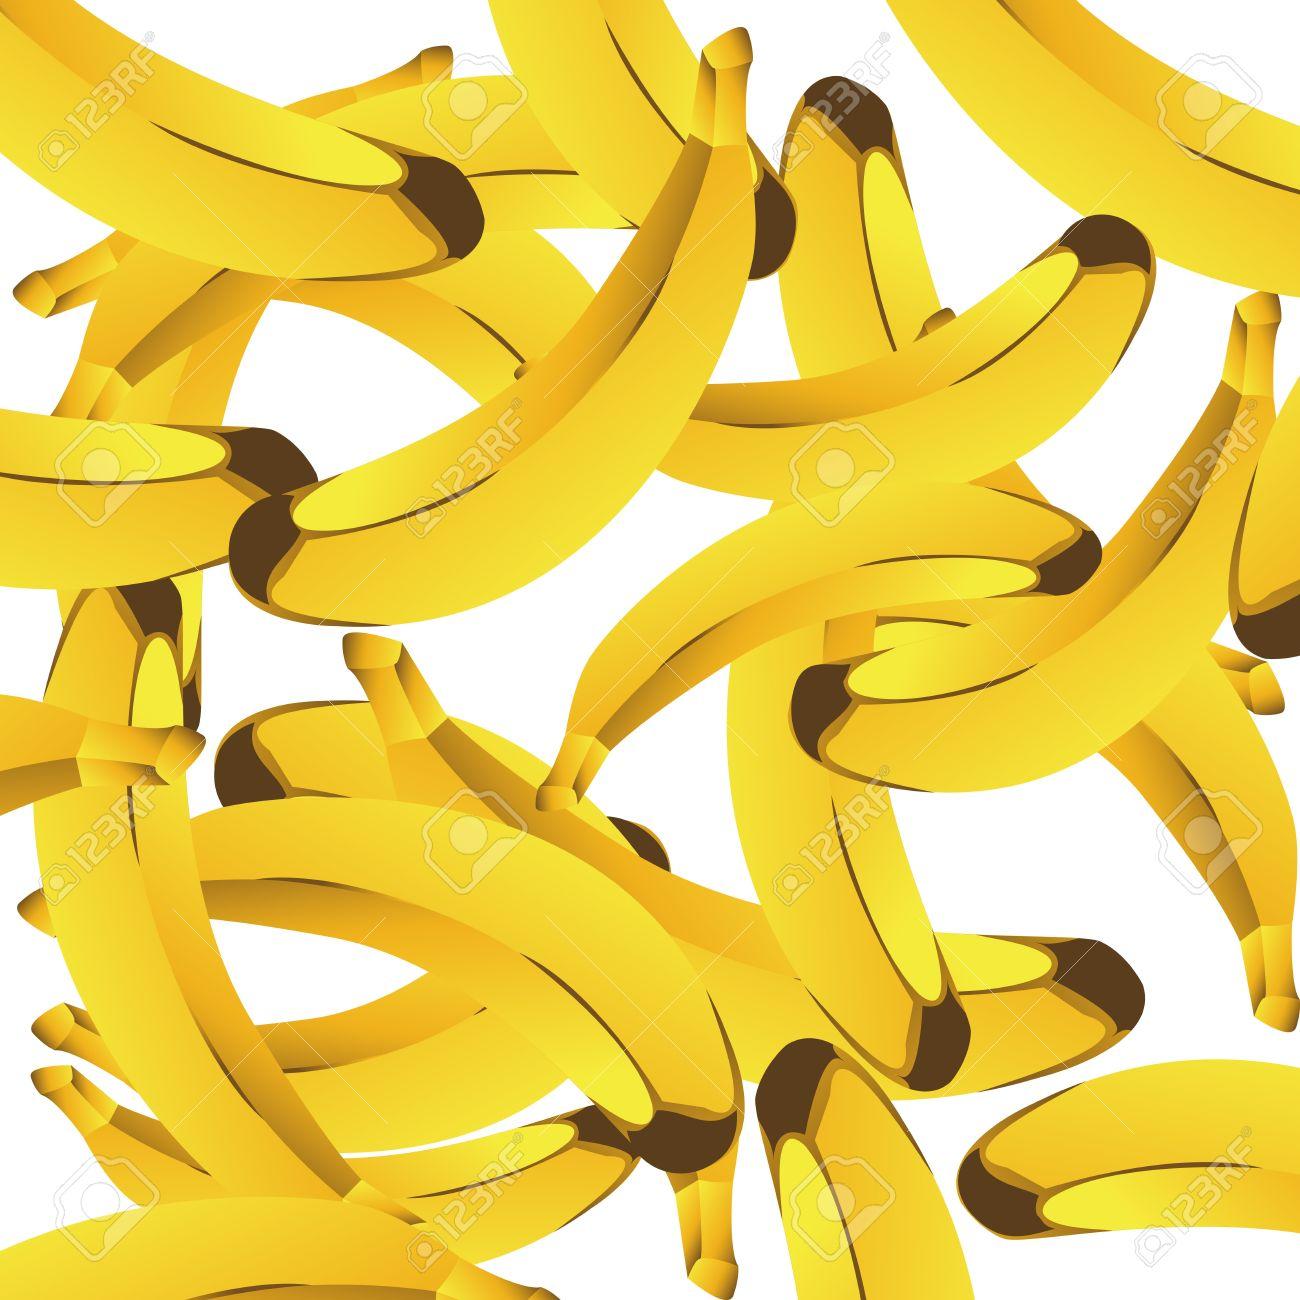 Sfondo Trasparente Con Banane Foto Royalty Free, Immagini.